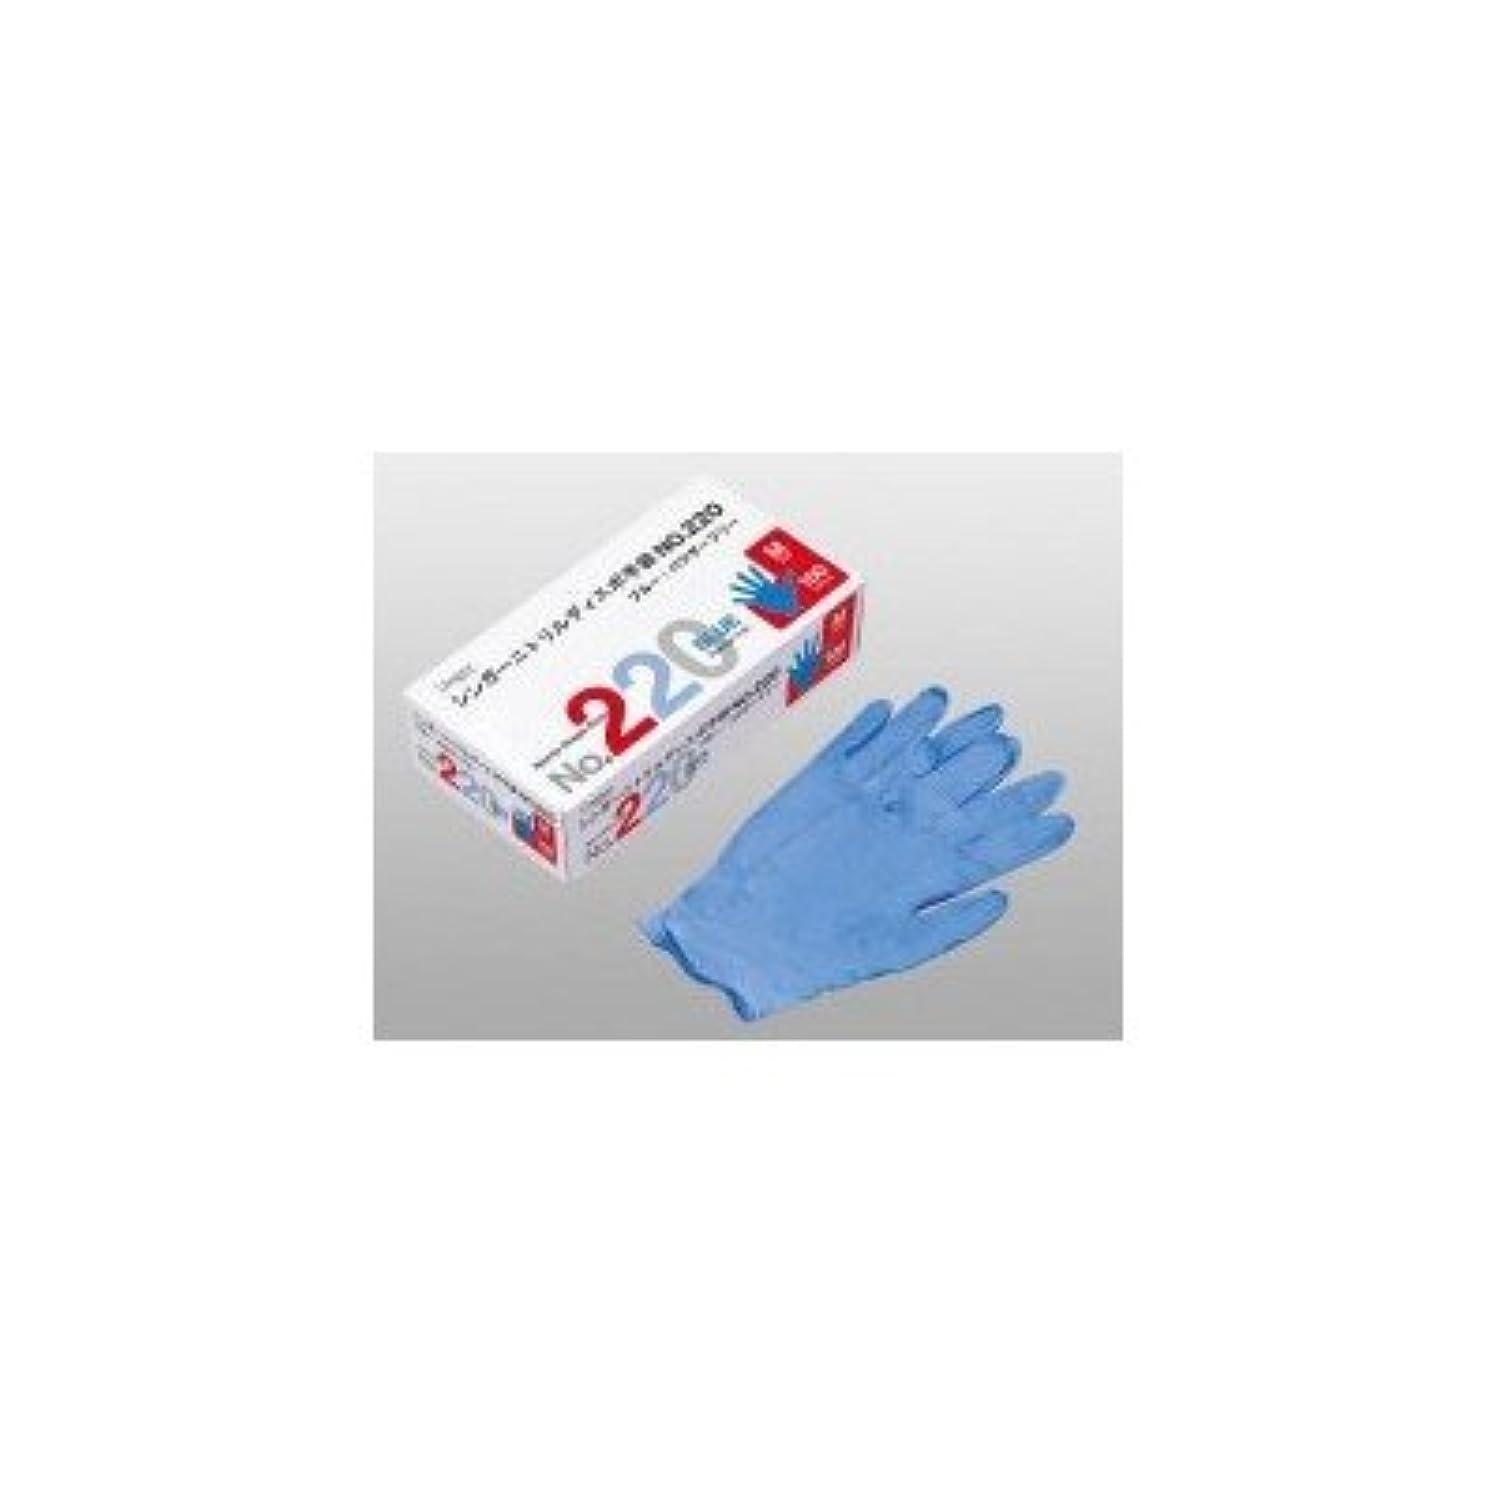 似ている突き刺す立ち寄るシンガーニトリルディスポ手袋 No.220 ブルー パウダーフリー(100枚) M( 画像はイメージ画像です お届けの商品はMのみとなります)